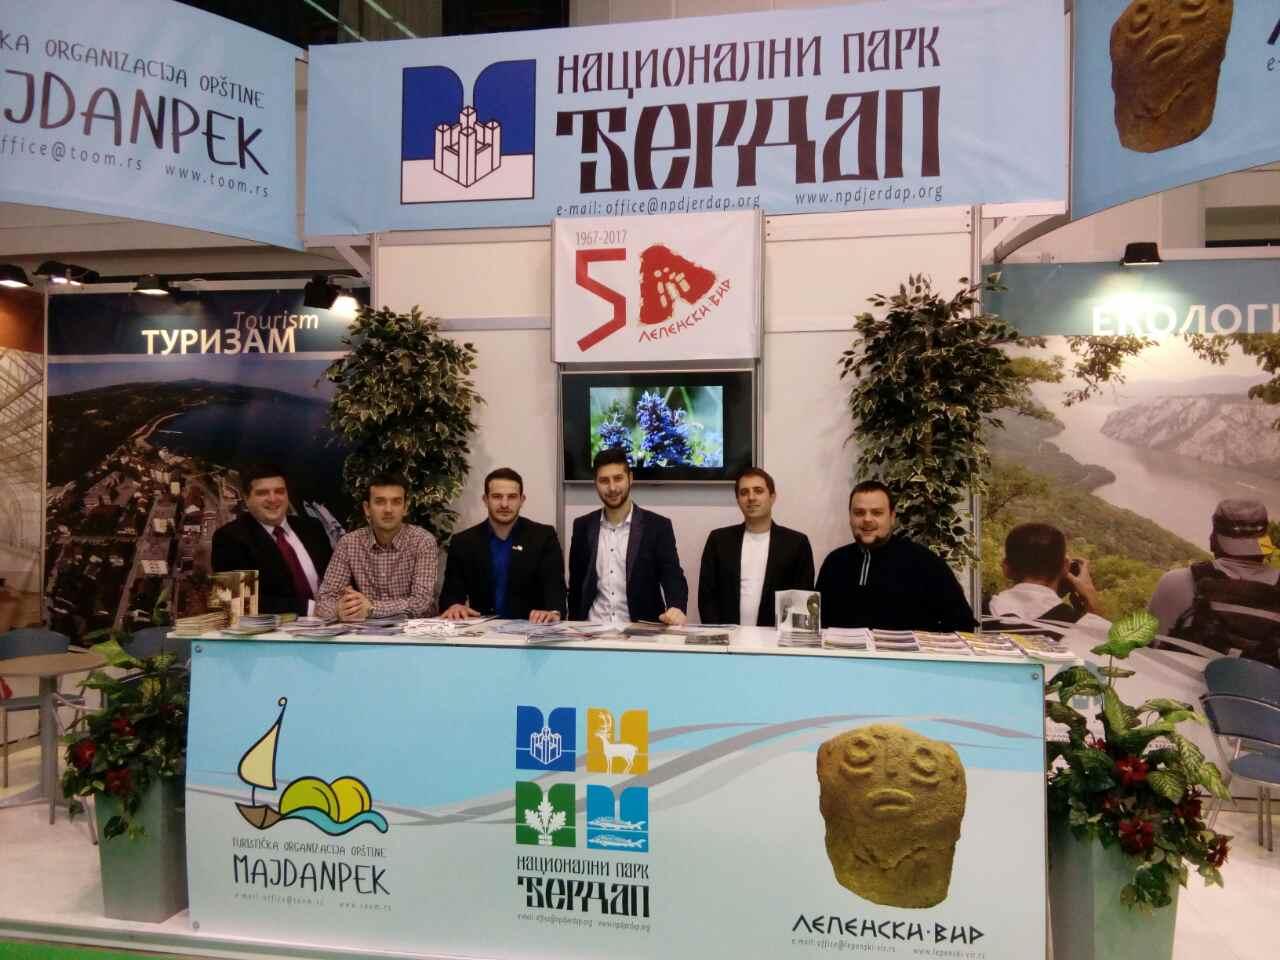 Nacionalni park Đerdap na 39. Međunarodnom sajmu turizma u Beogradu